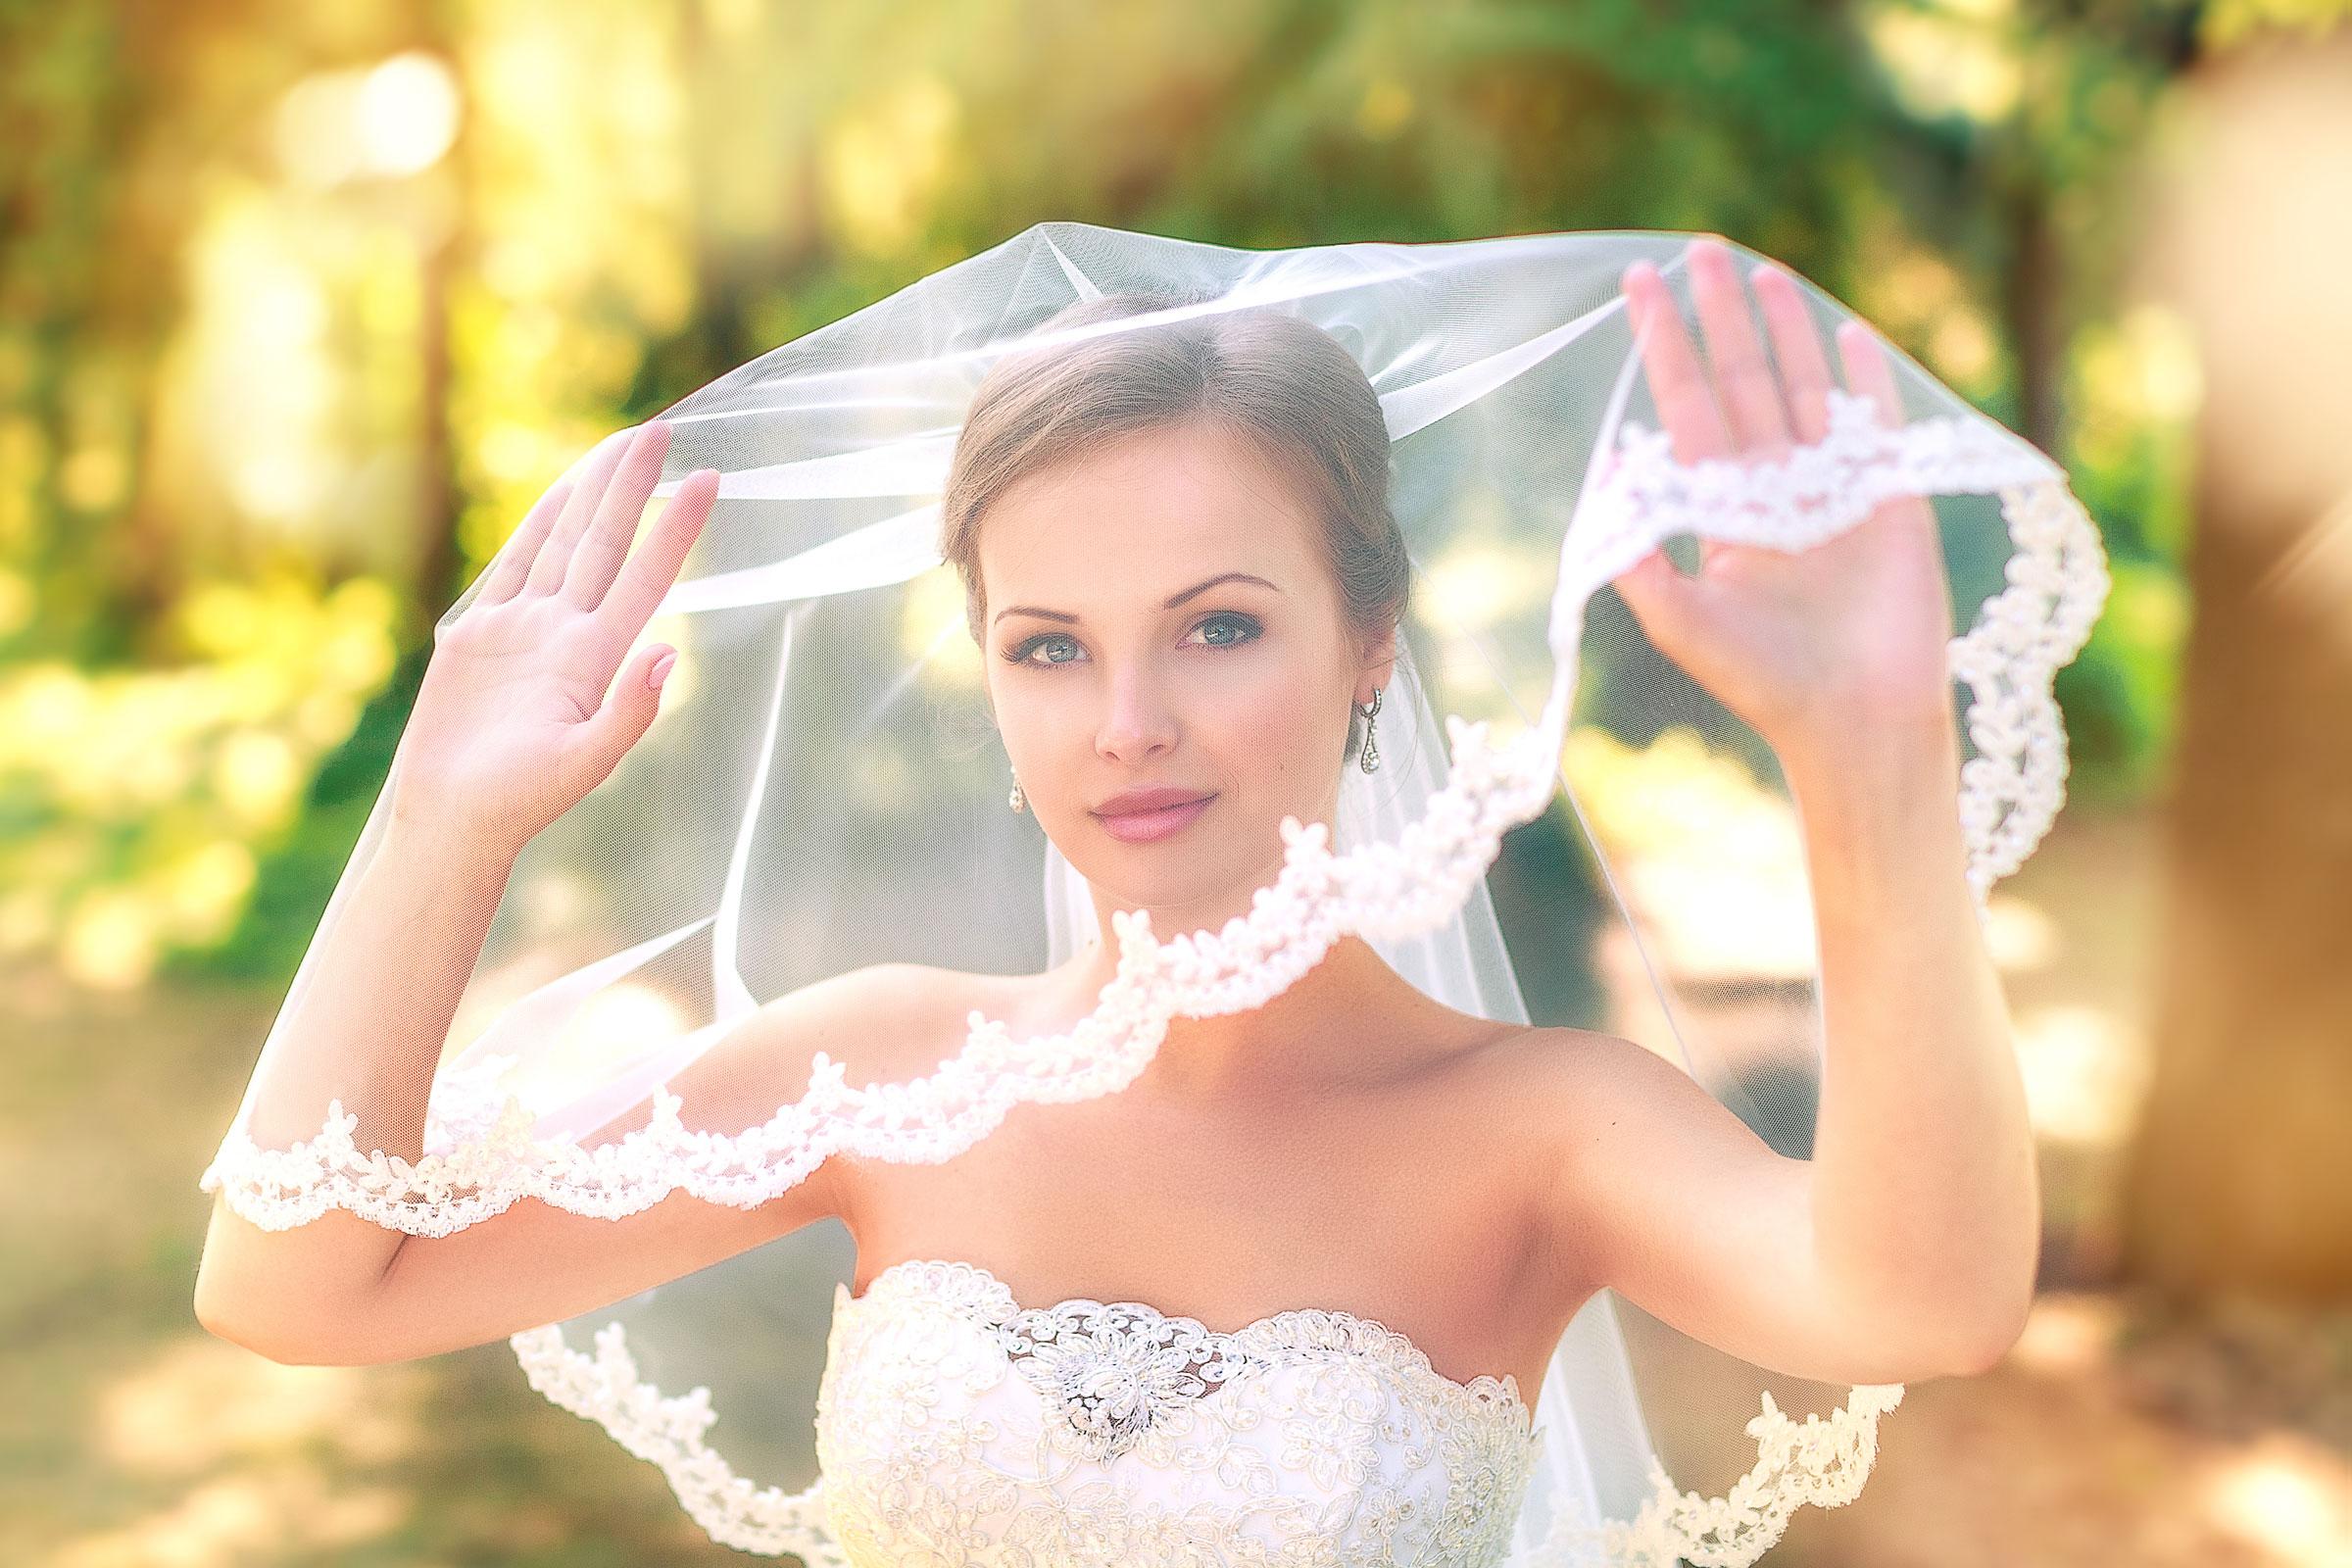 new jersey bridal makeup and hair | mmuav